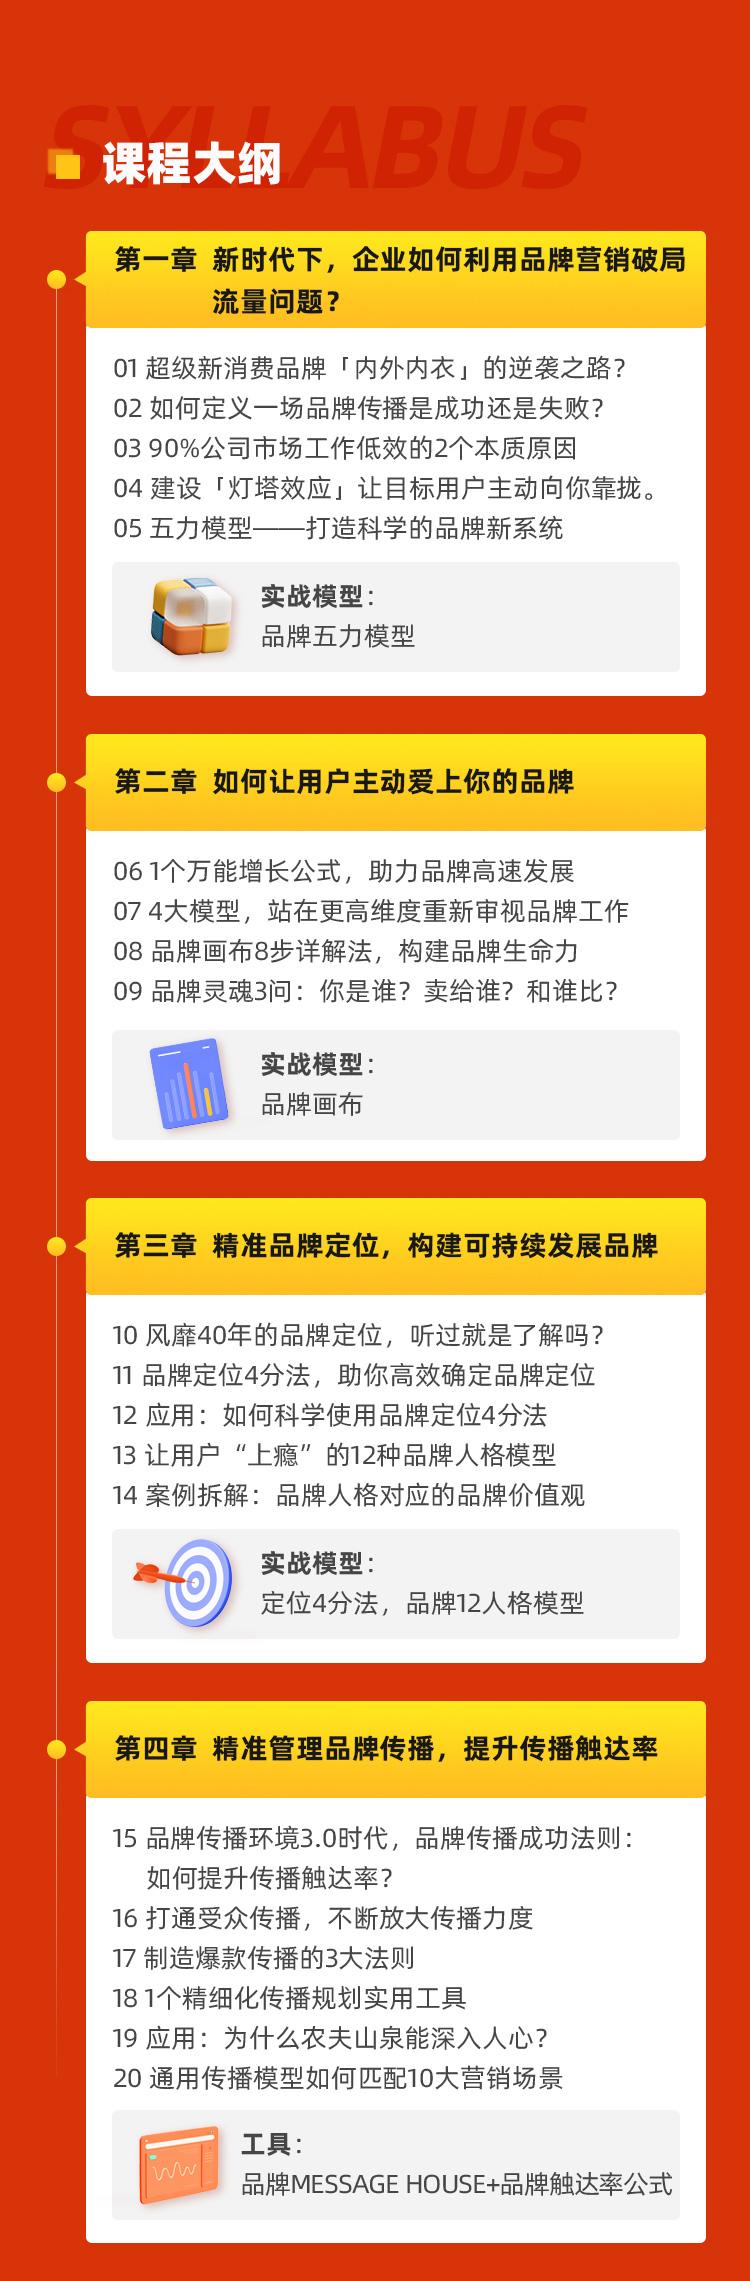 http://mtedu-img.oss-cn-beijing-internal.aliyuncs.com/ueditor/20211018114642_570537.jpg